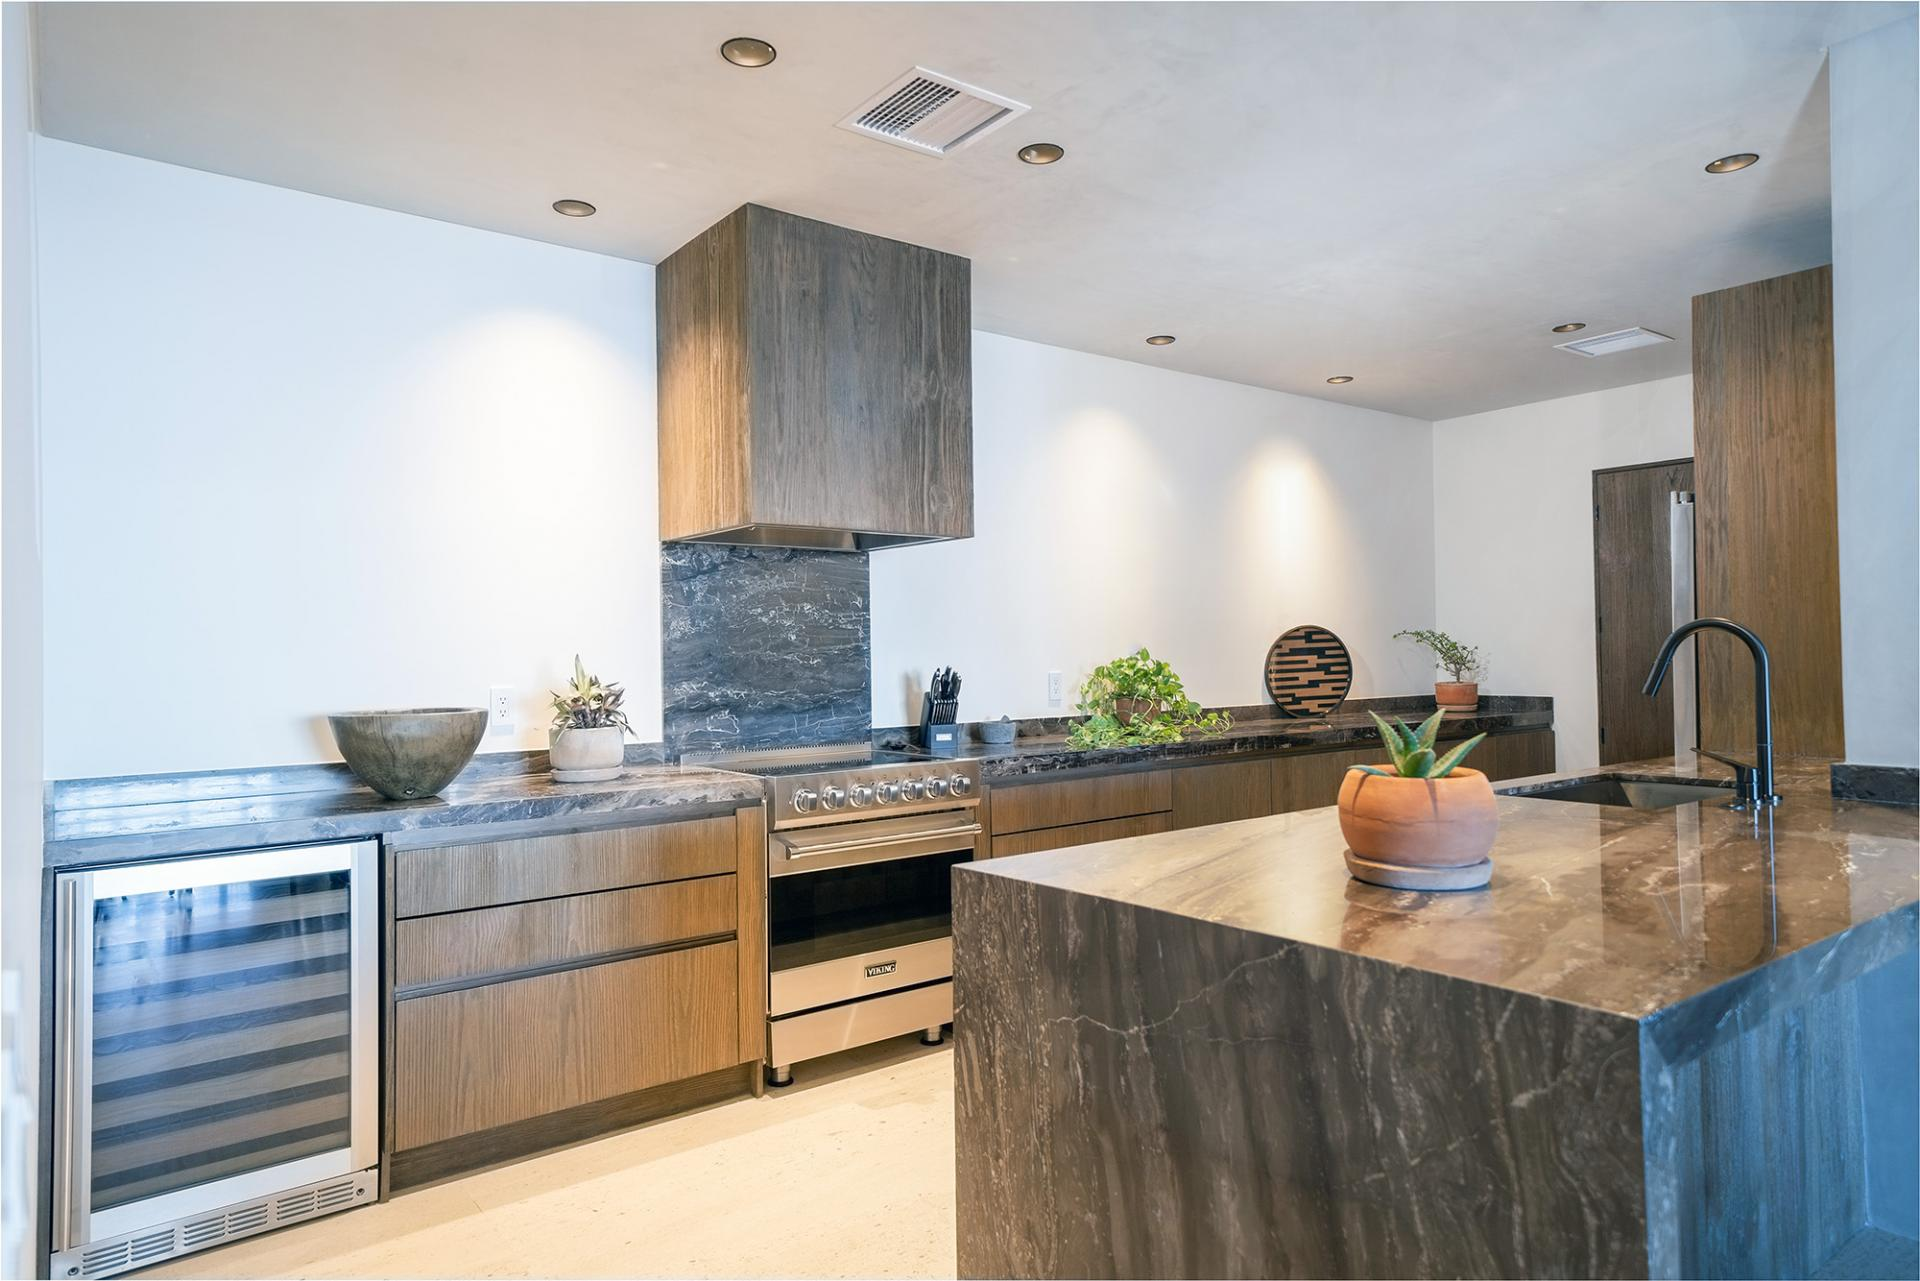 One Bedroom Ocean View Home Kitchen